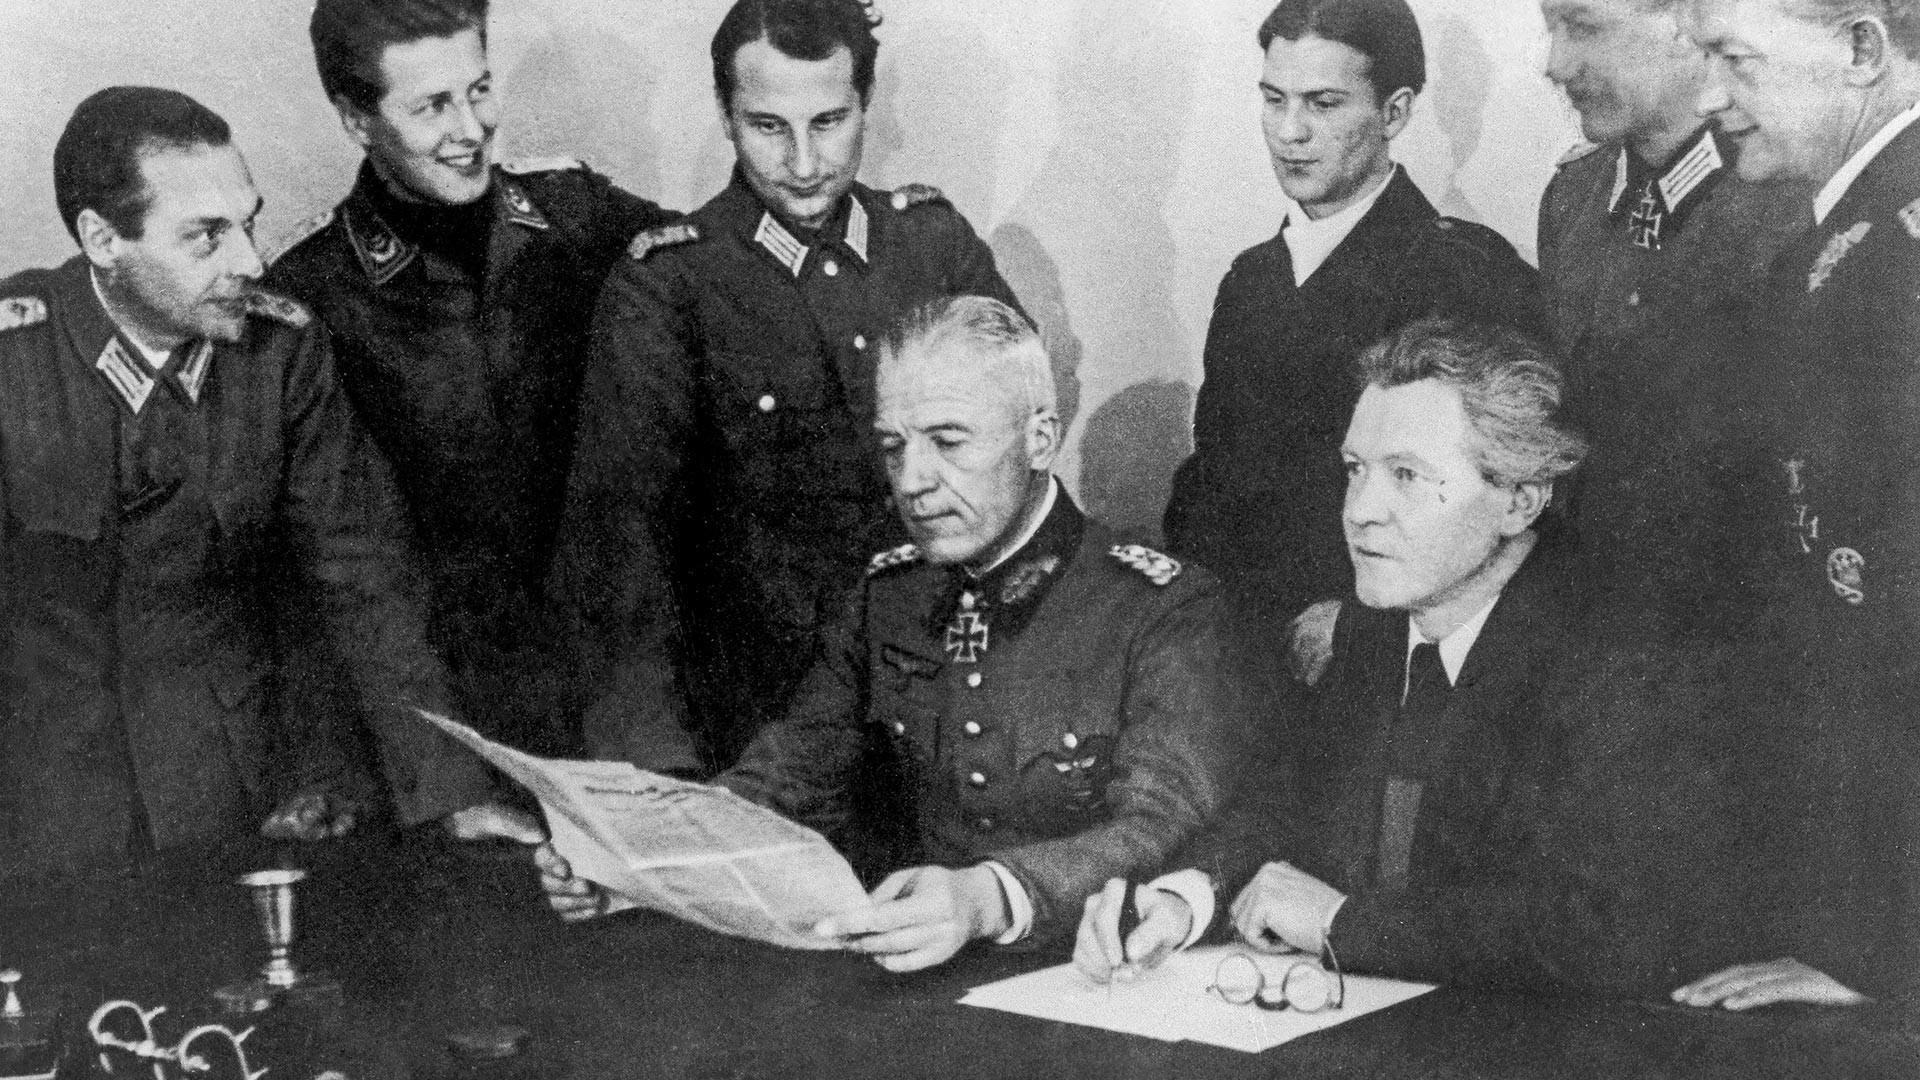 Predsednik narodnega komiteja Svobodna Nemčija pisatelj Erich Weinert (v prvi vrsti desno) in general von Seydlitz-Kurzbach na zasedanju komiteja